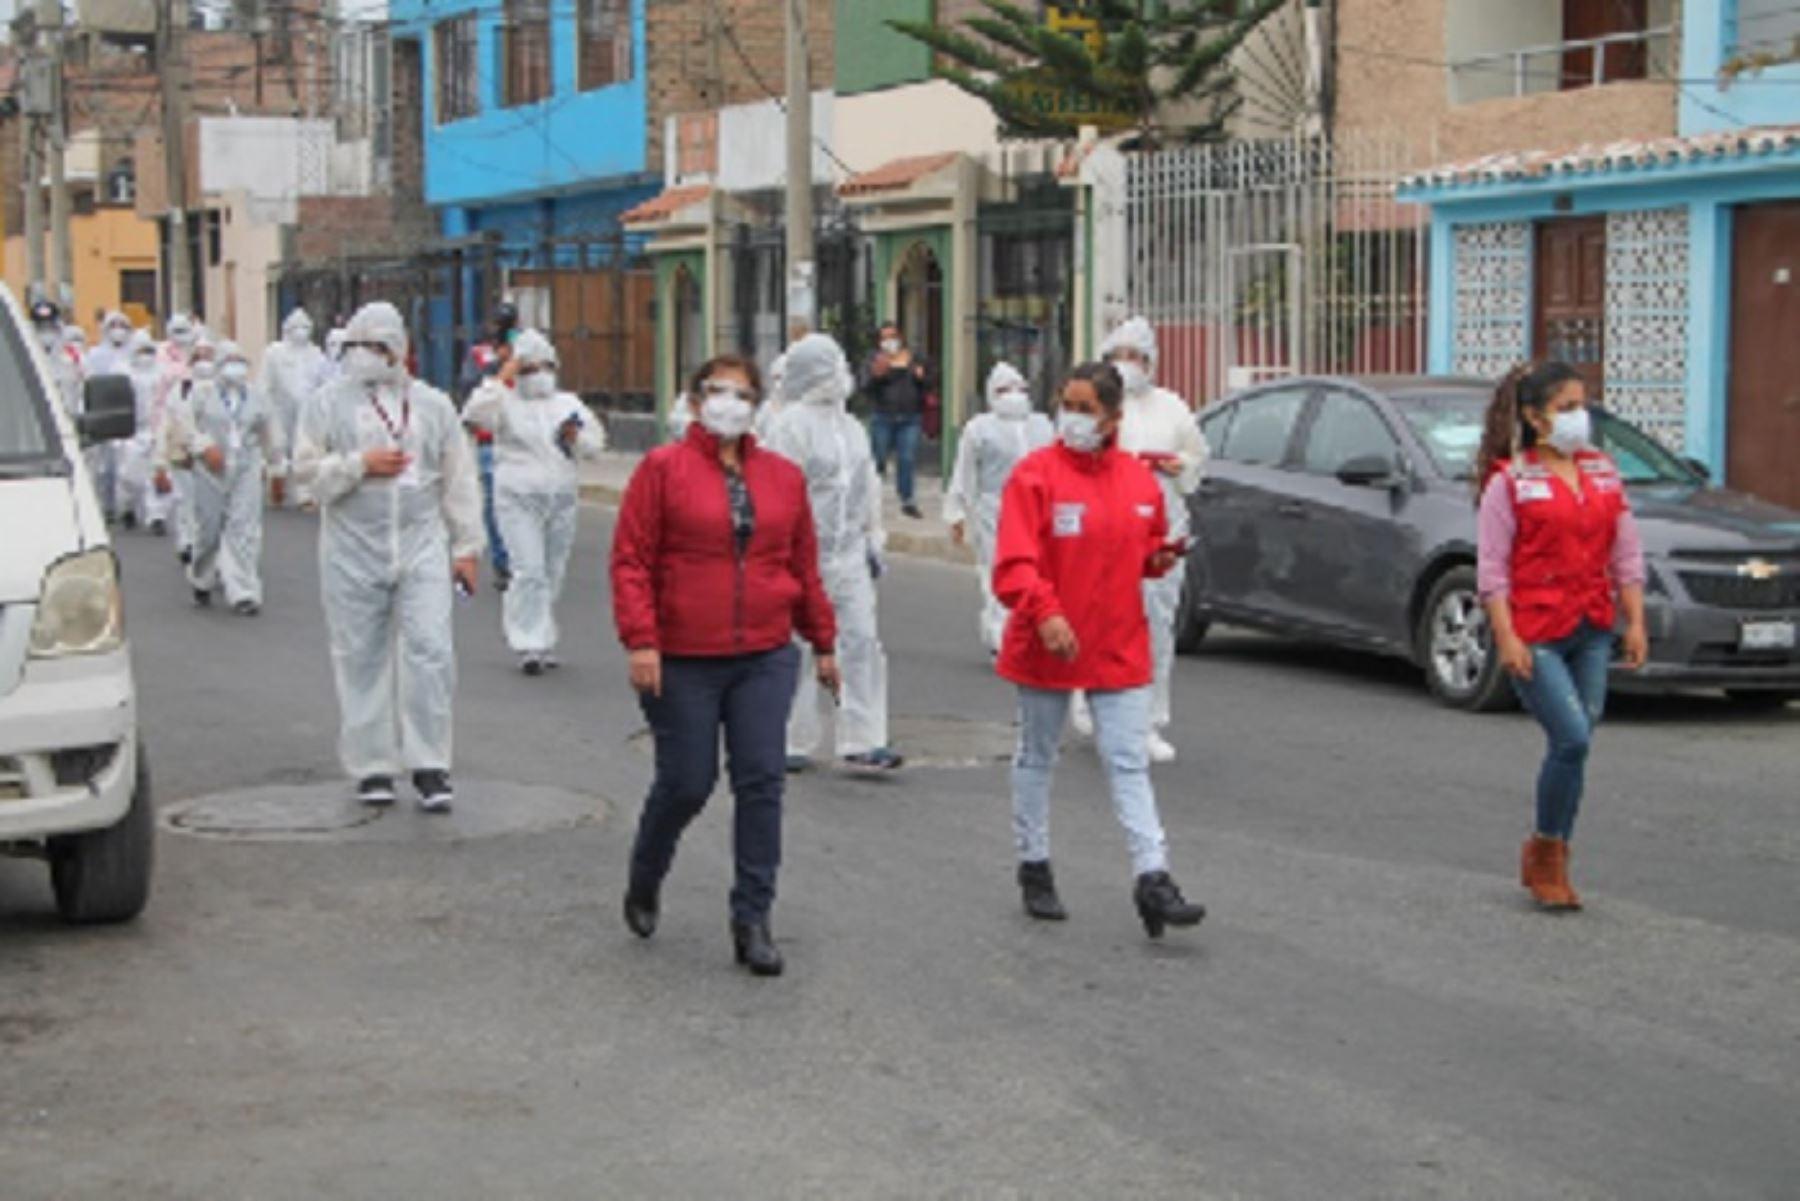 El pueblo joven El Progreso de Chimbote fue el primer lugar elegido para poner en marcha esta operación que busca resguardar a la población en riesgo frente a la pandemia del coronavirus.